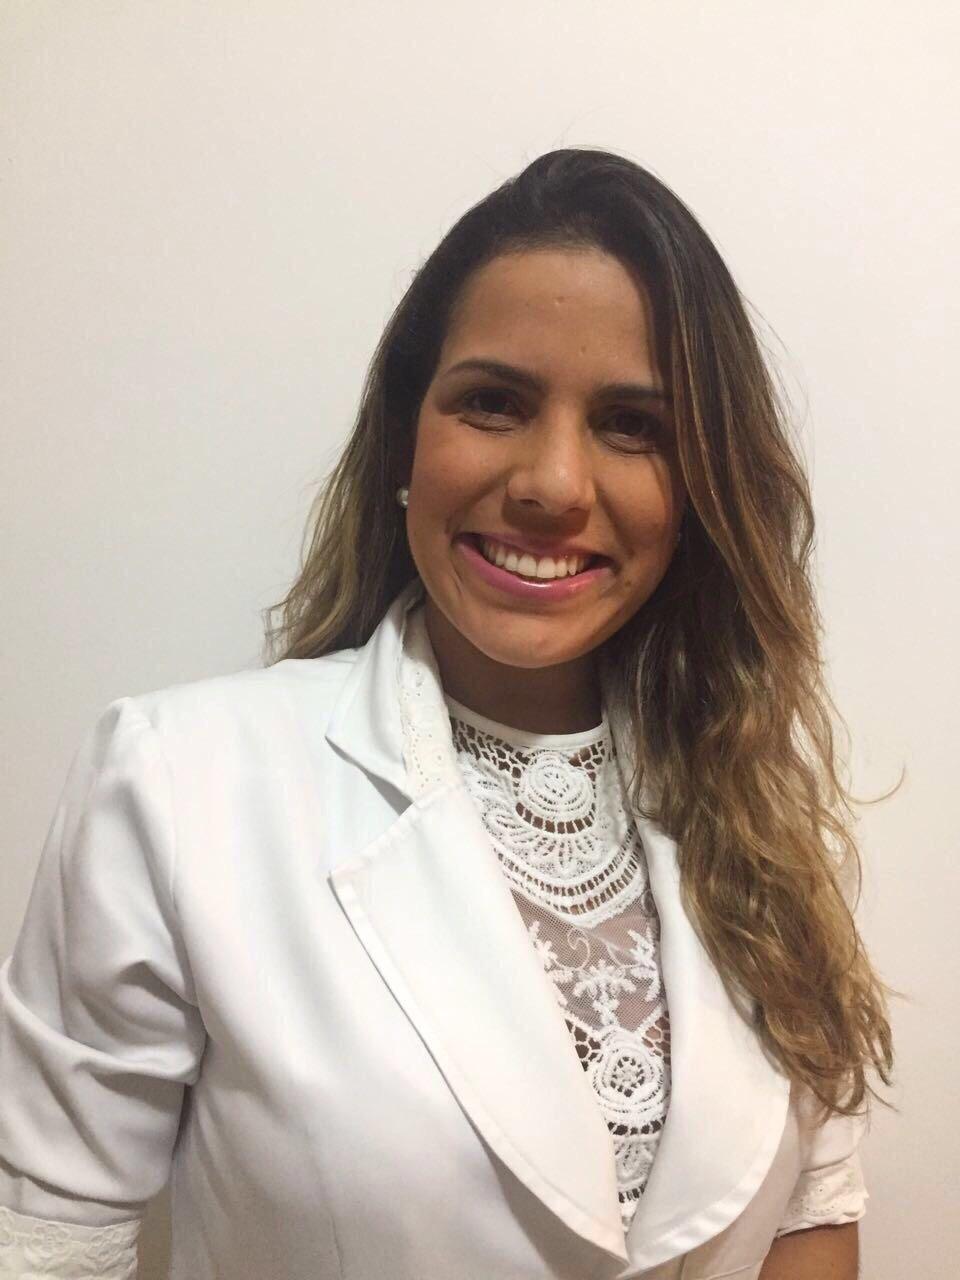 Ma. Tâmara Bárbara Silva Gomes